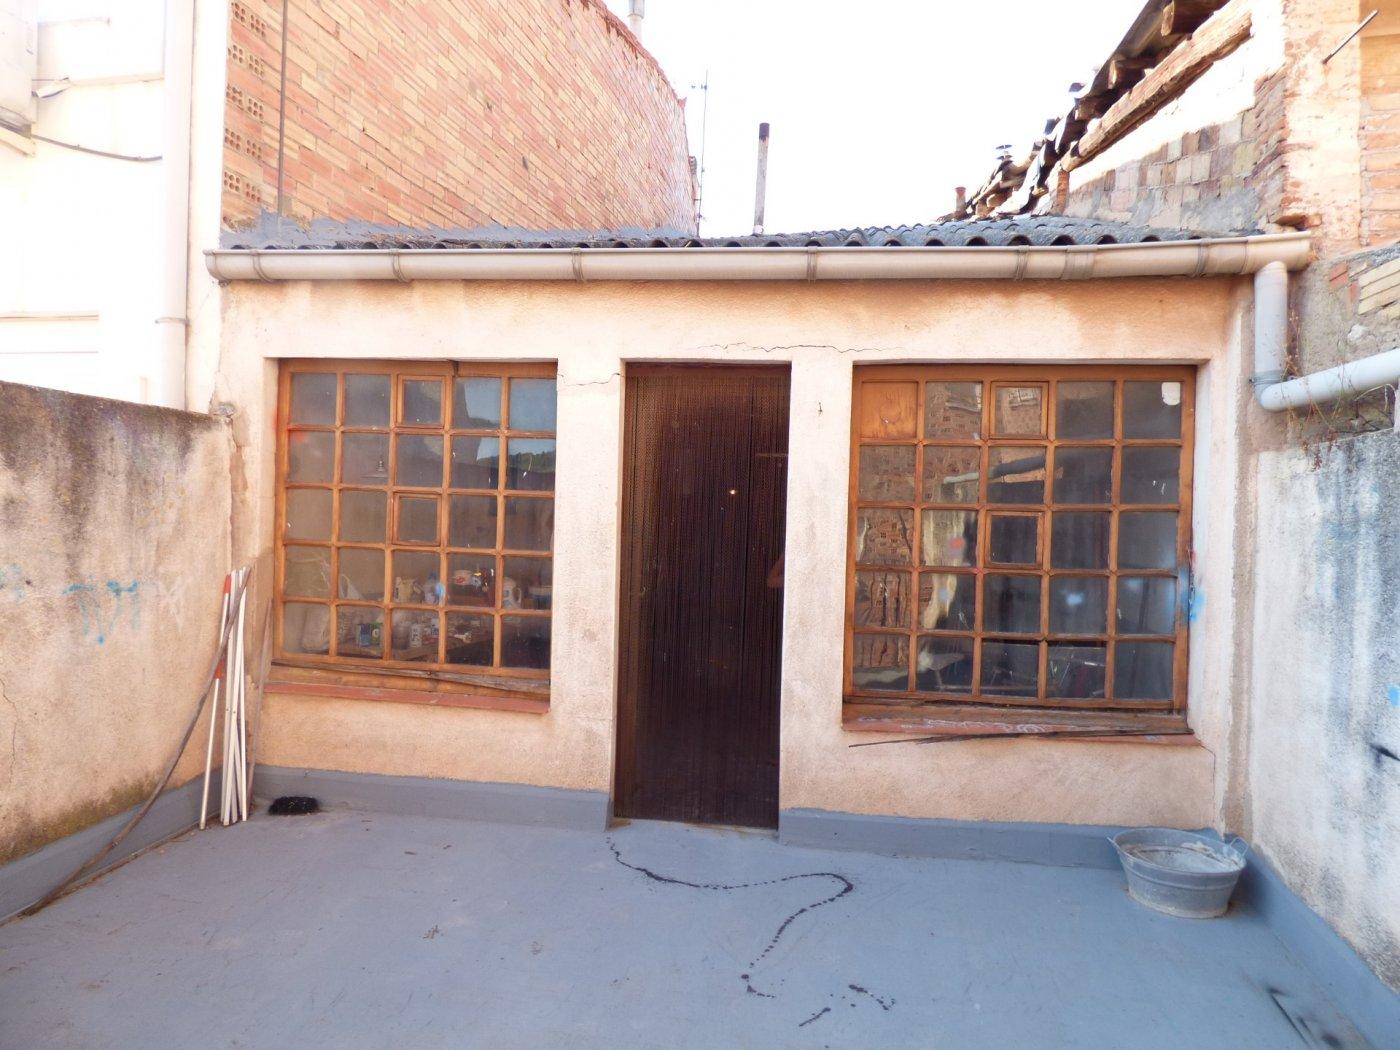 casa para reformar en venta de 5 habitaciones en el centro de artÉs